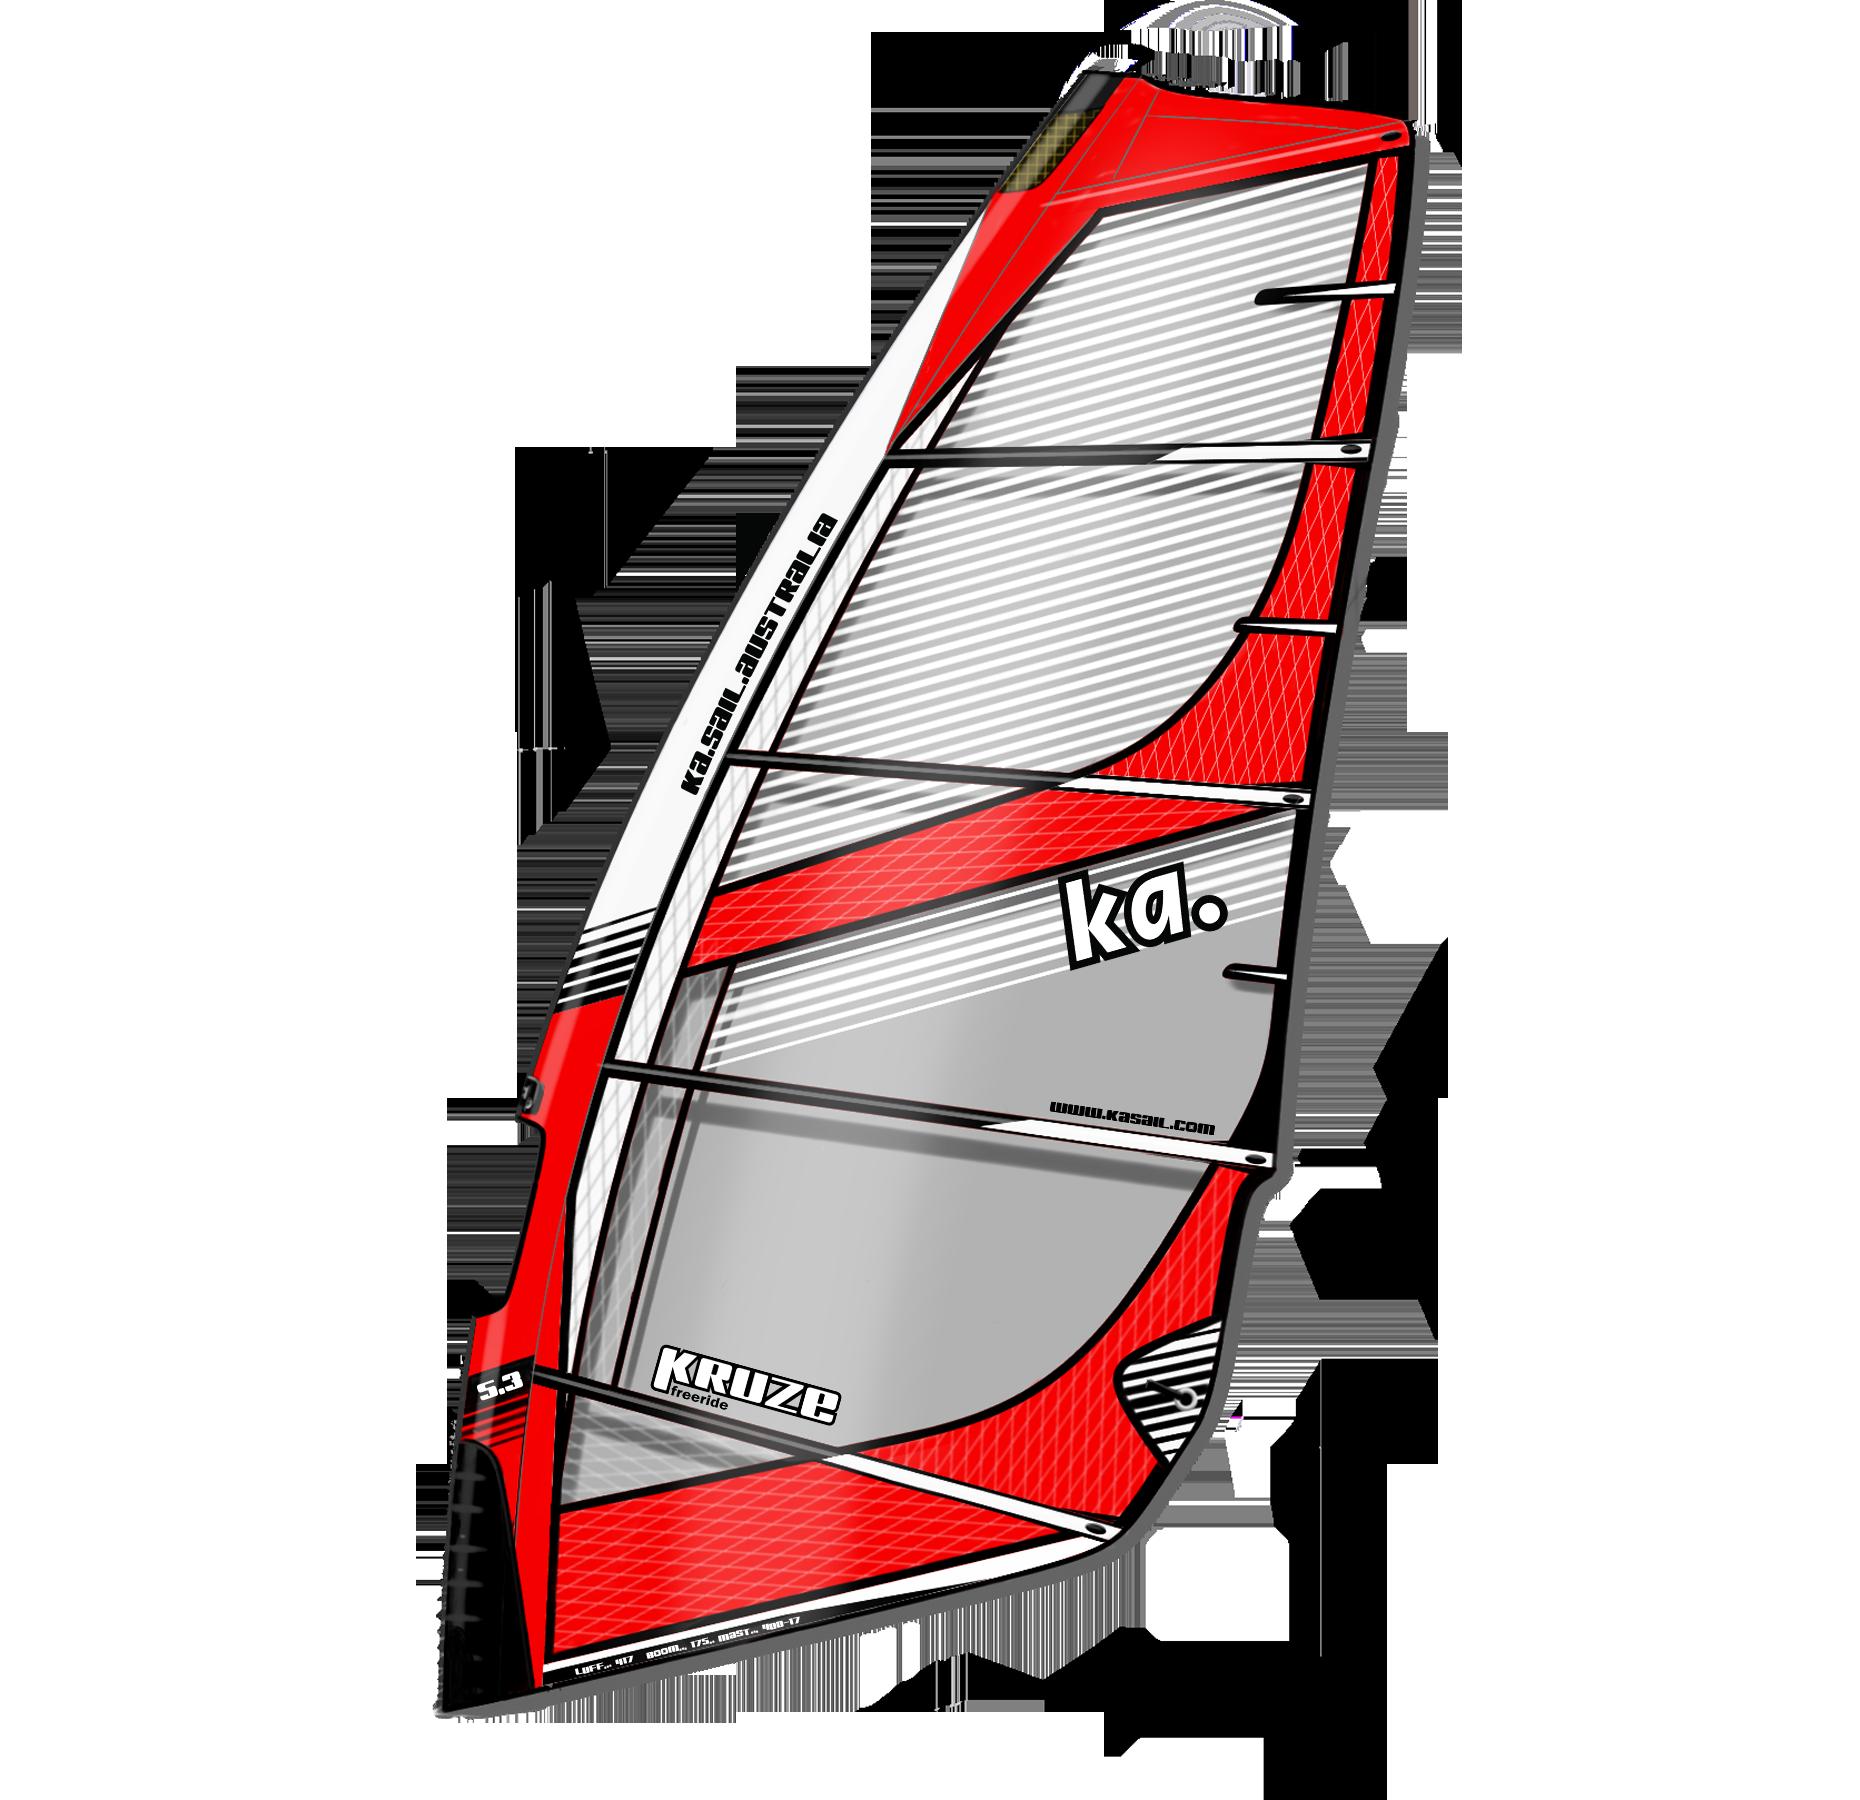 2016 Kruze red